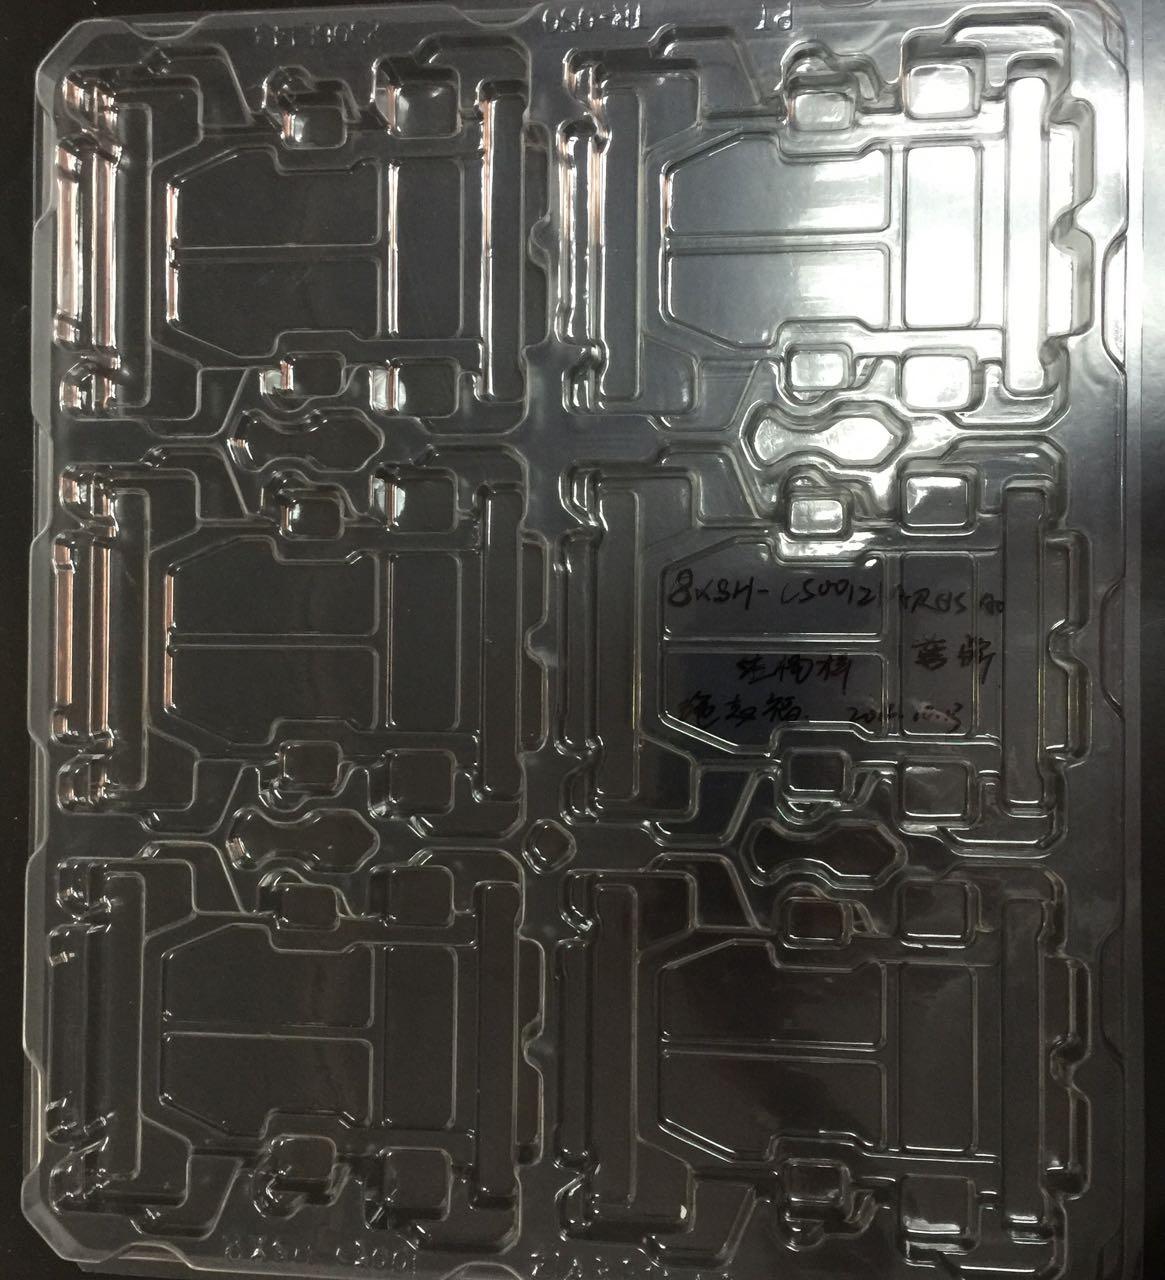 来自罗亮发布的供应信息:我公司专业生产APET.GETG.GPG... - 東莞市松川塑膠制品有限公司